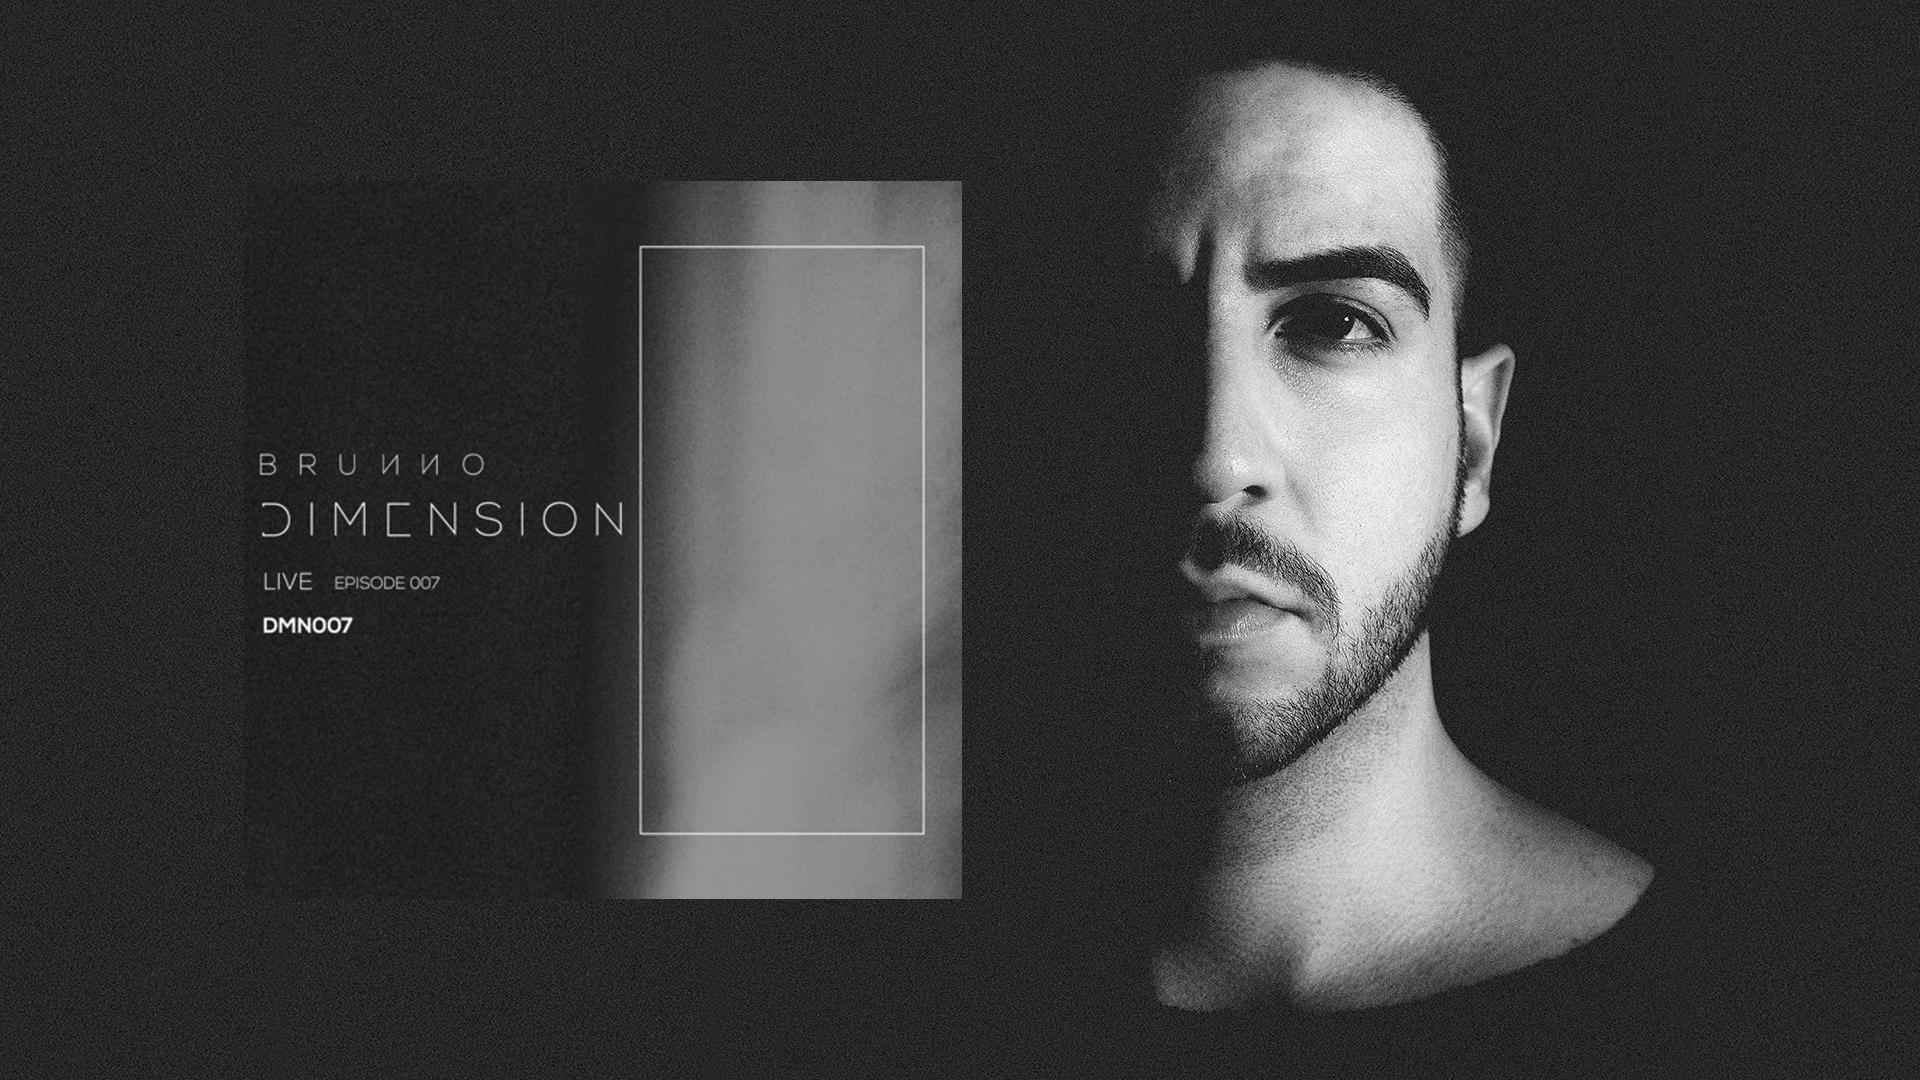 B R U N N O apresenta sonoridades do Techno através do projeto DIMENSION Live